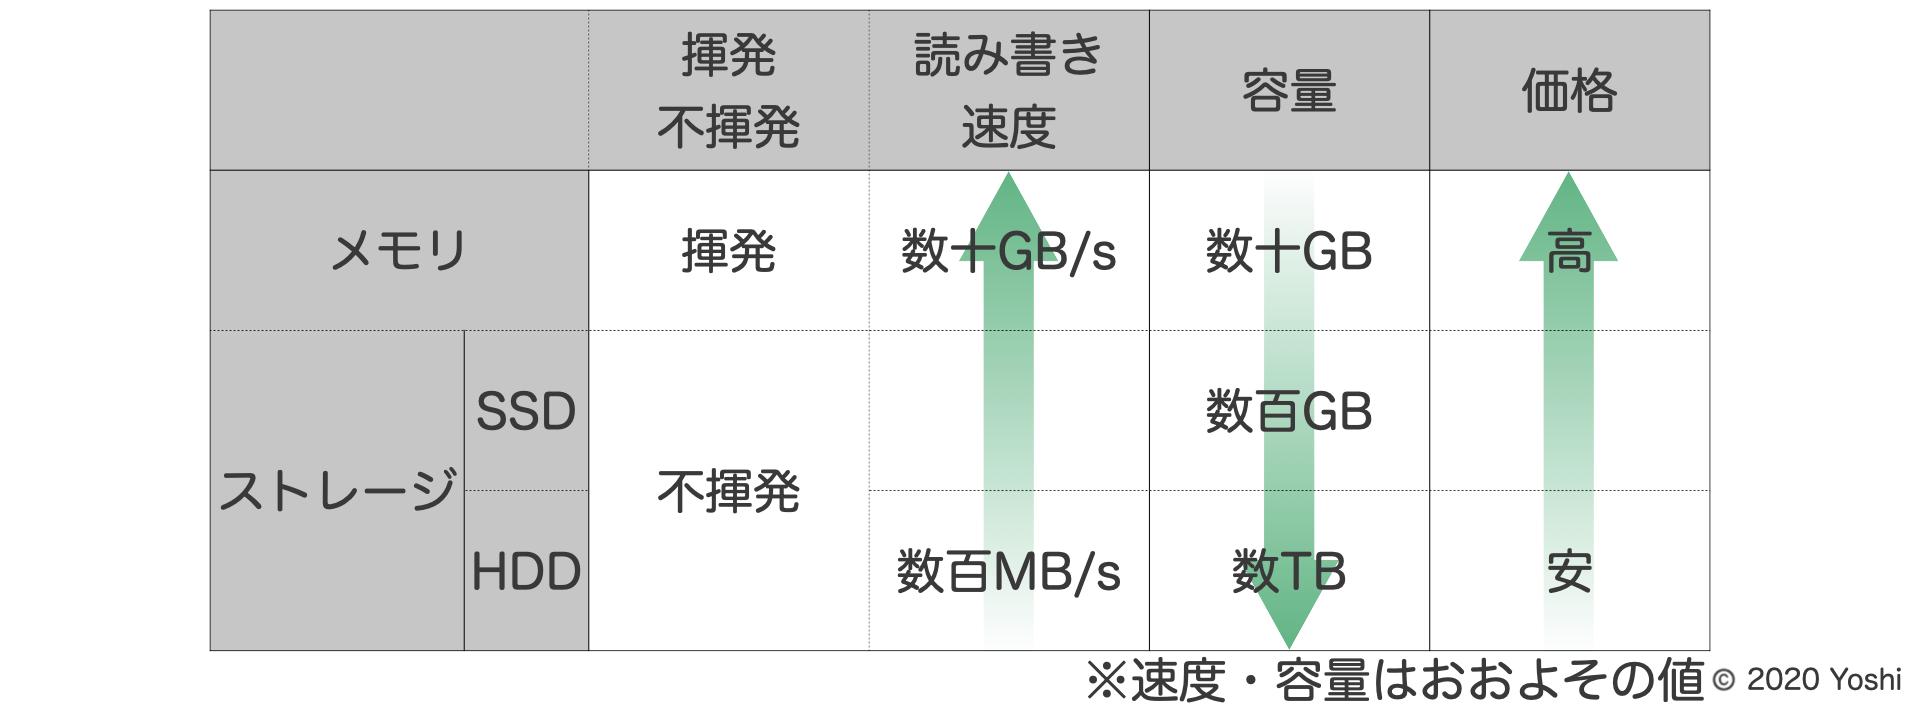 メモリとストレージの比較表